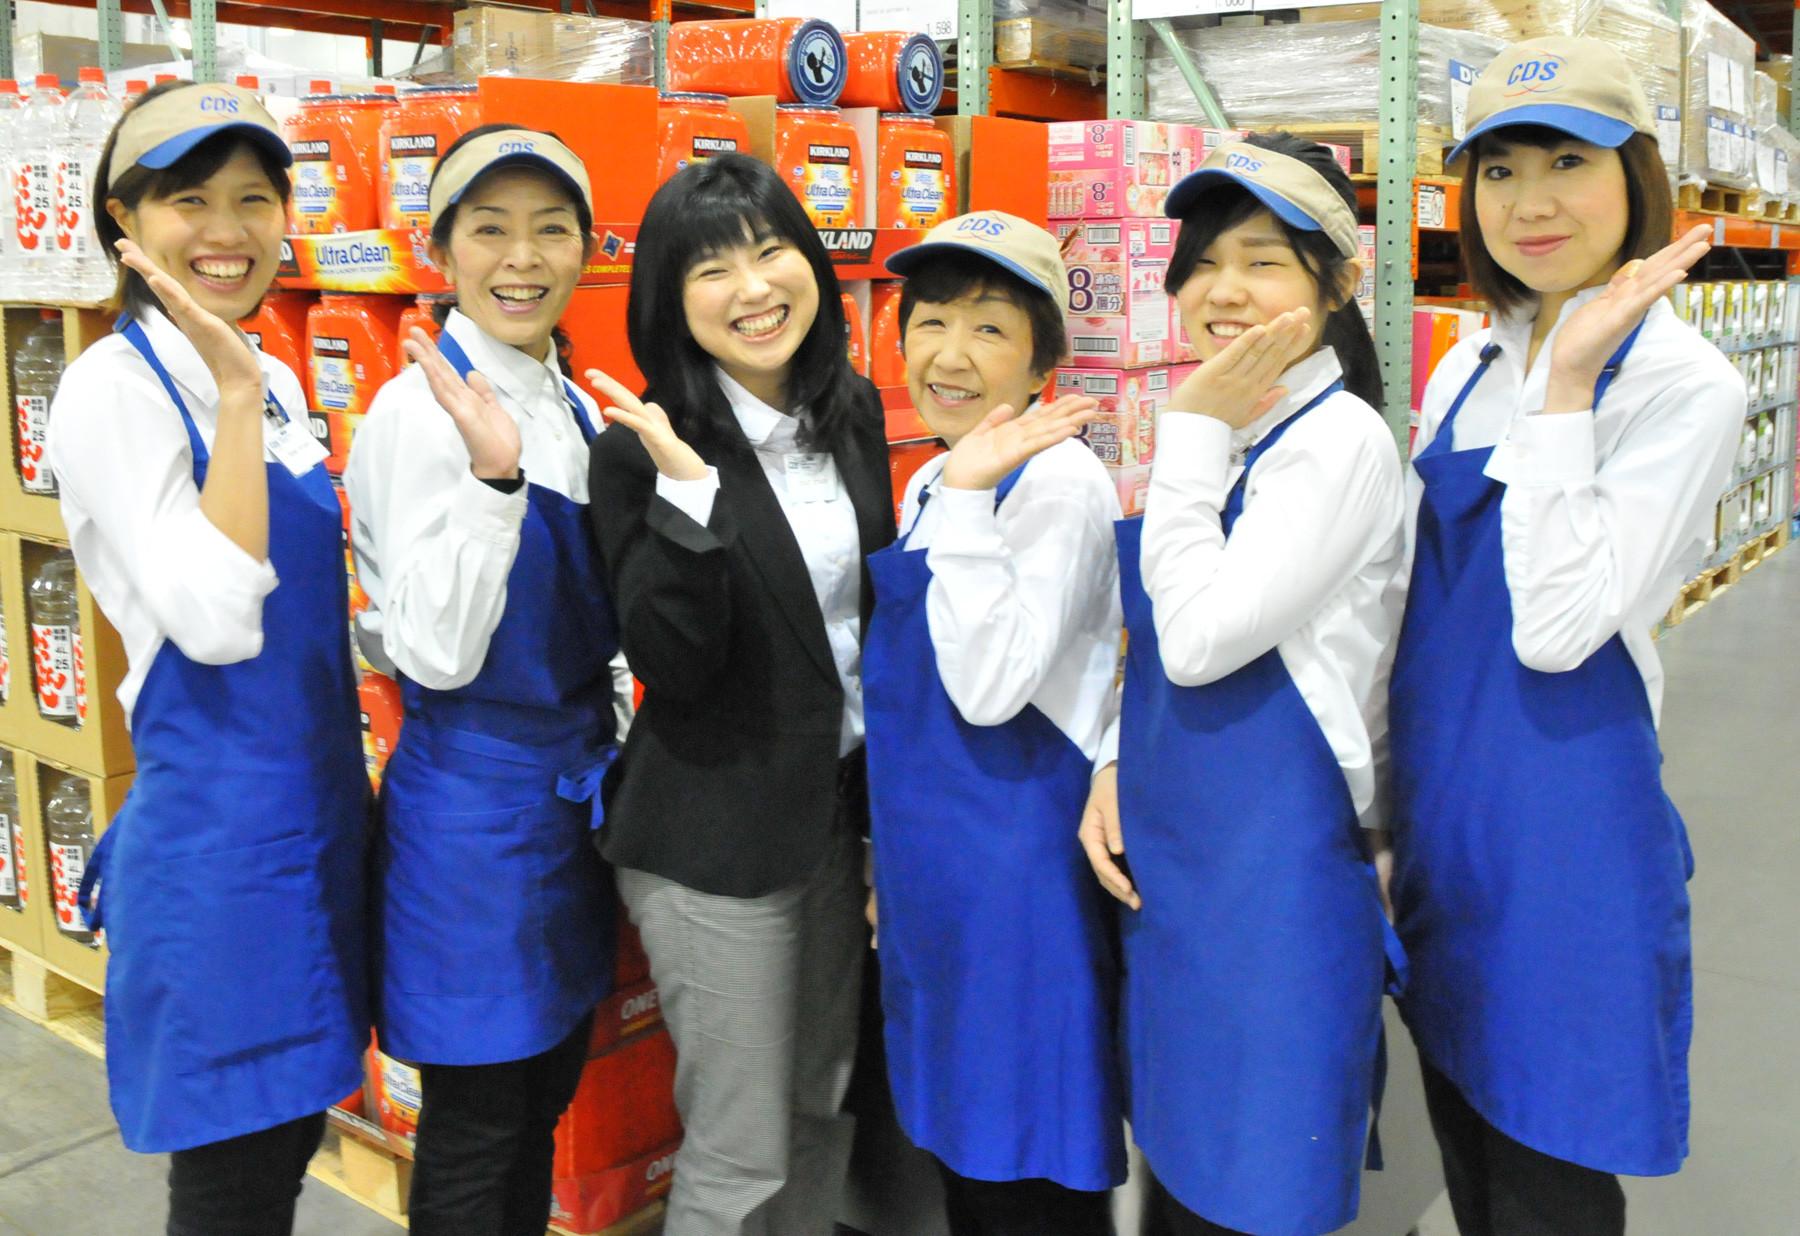 クラブ・デモンストレーション・サービシズ・インク コストコ札幌倉庫店のアルバイト情報